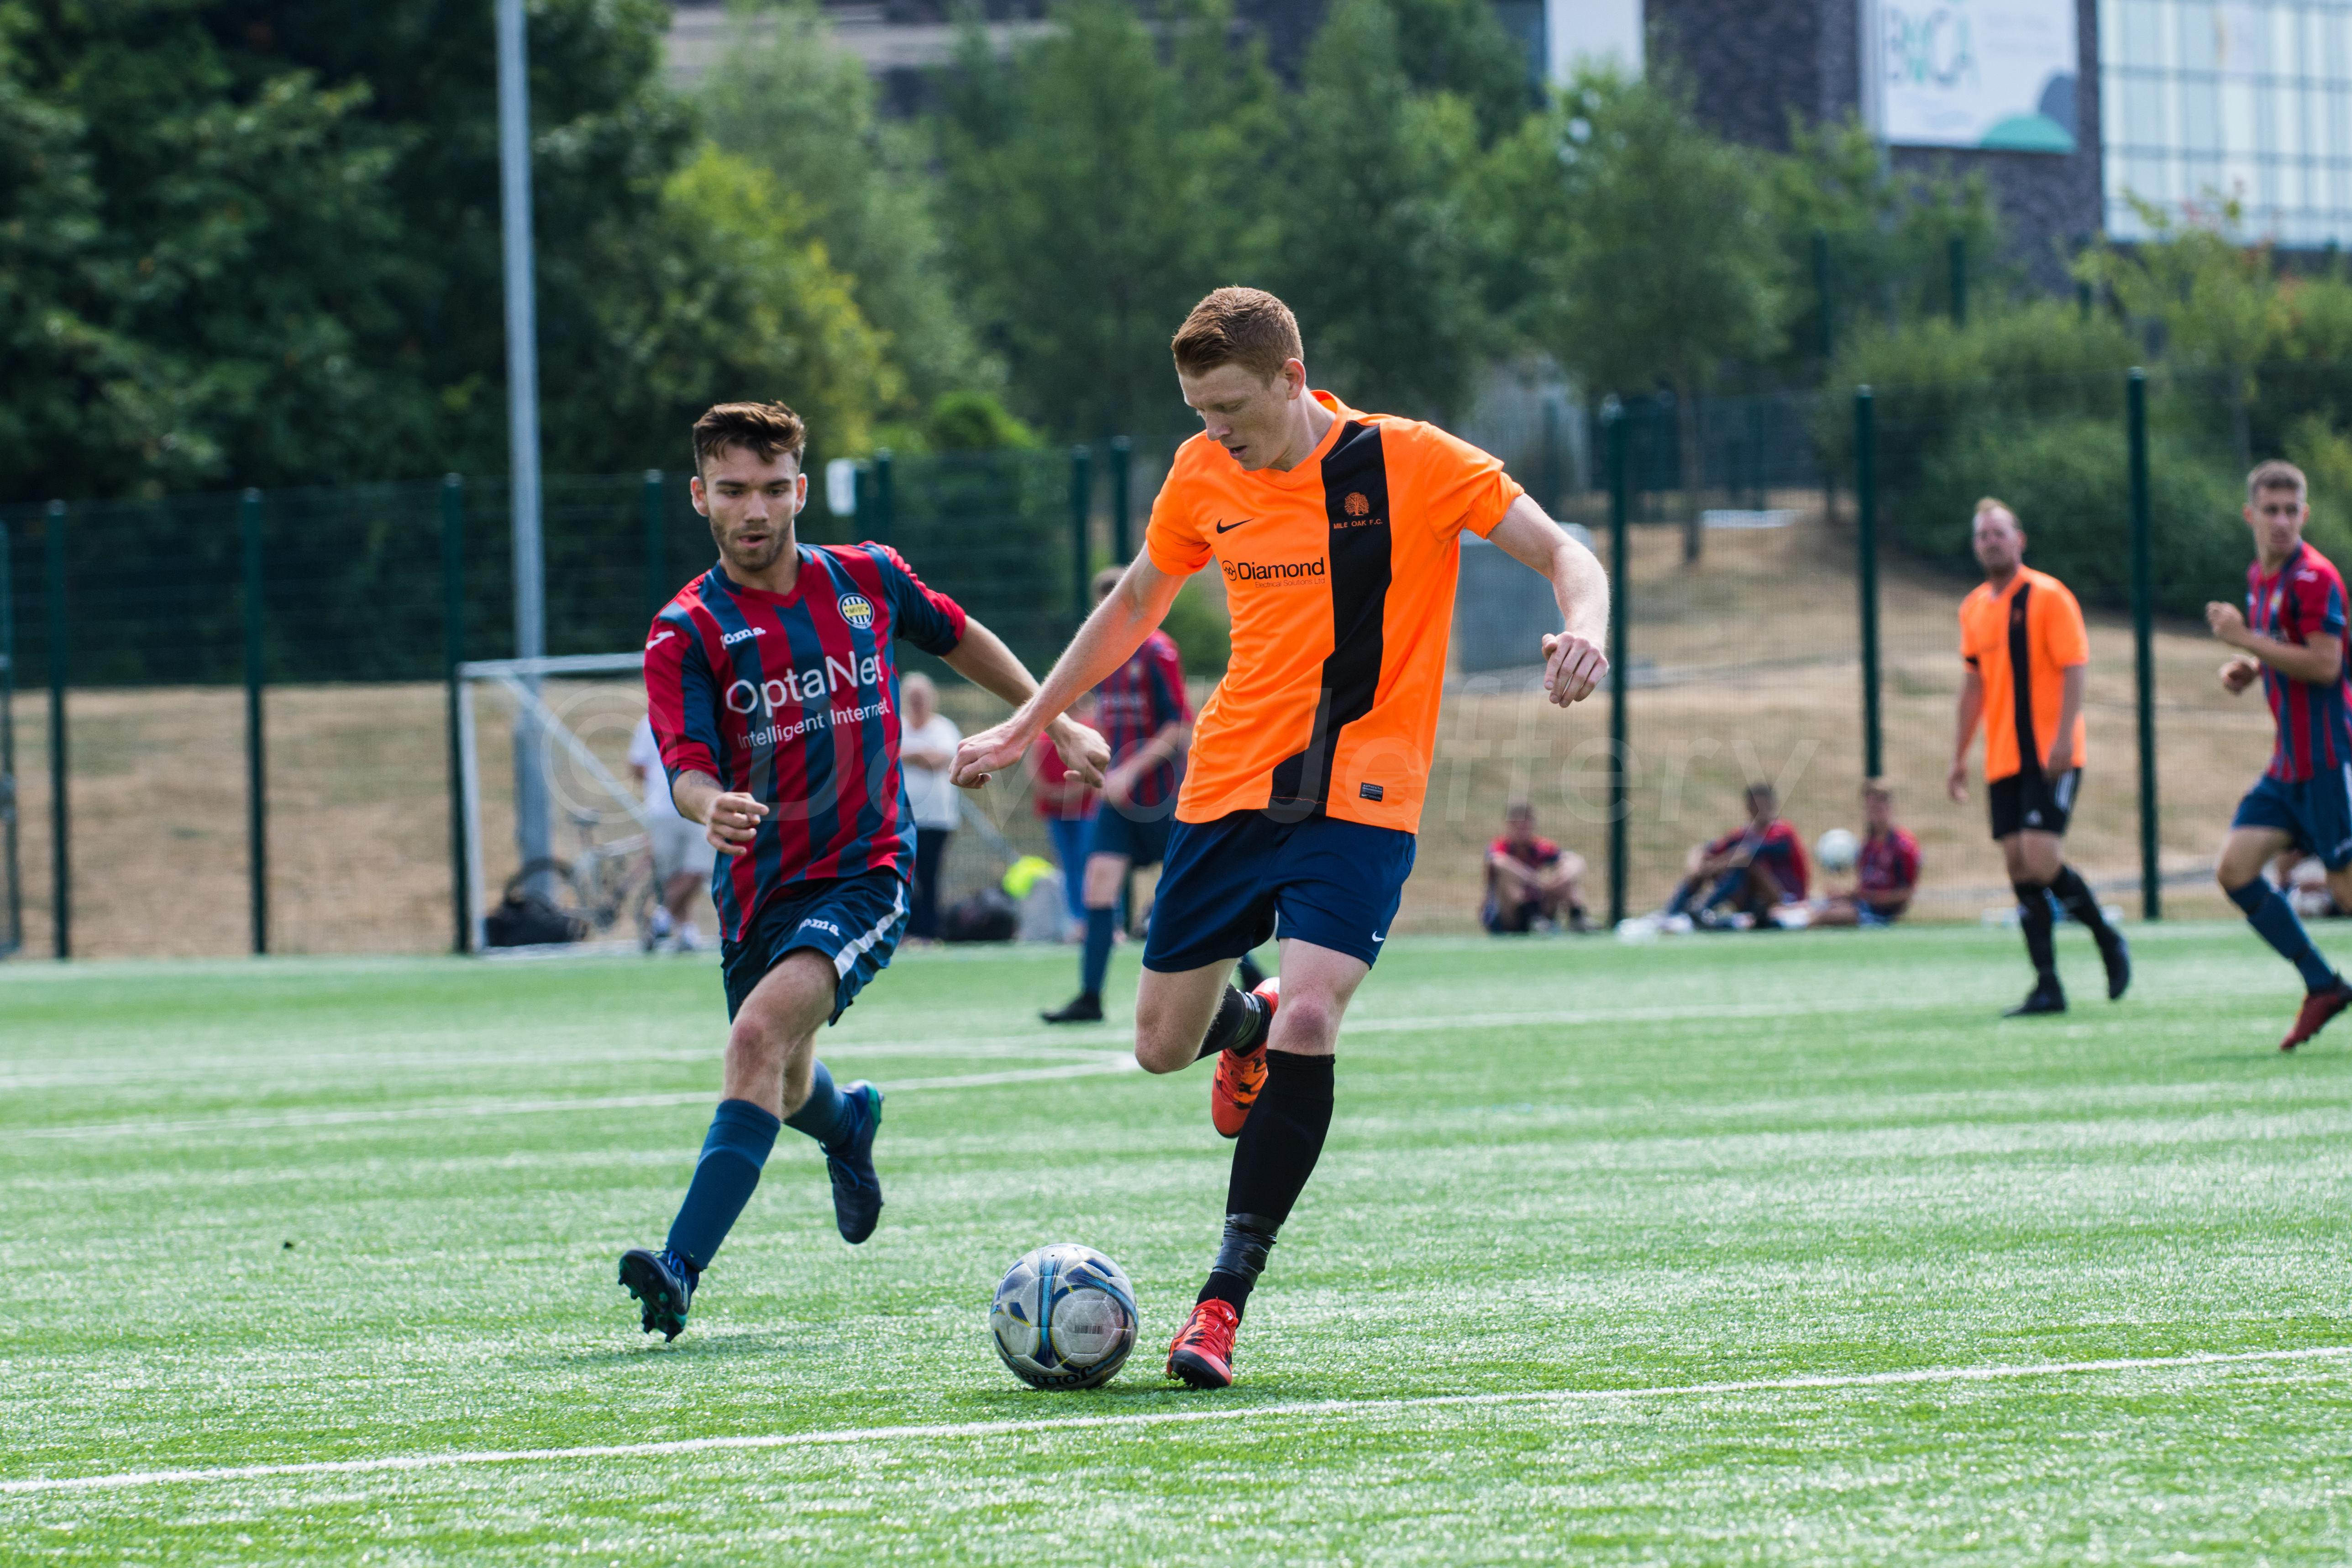 DAVID_JEFFERY Montpellier Villa vs Mile Oak FC 21.07.18 0006